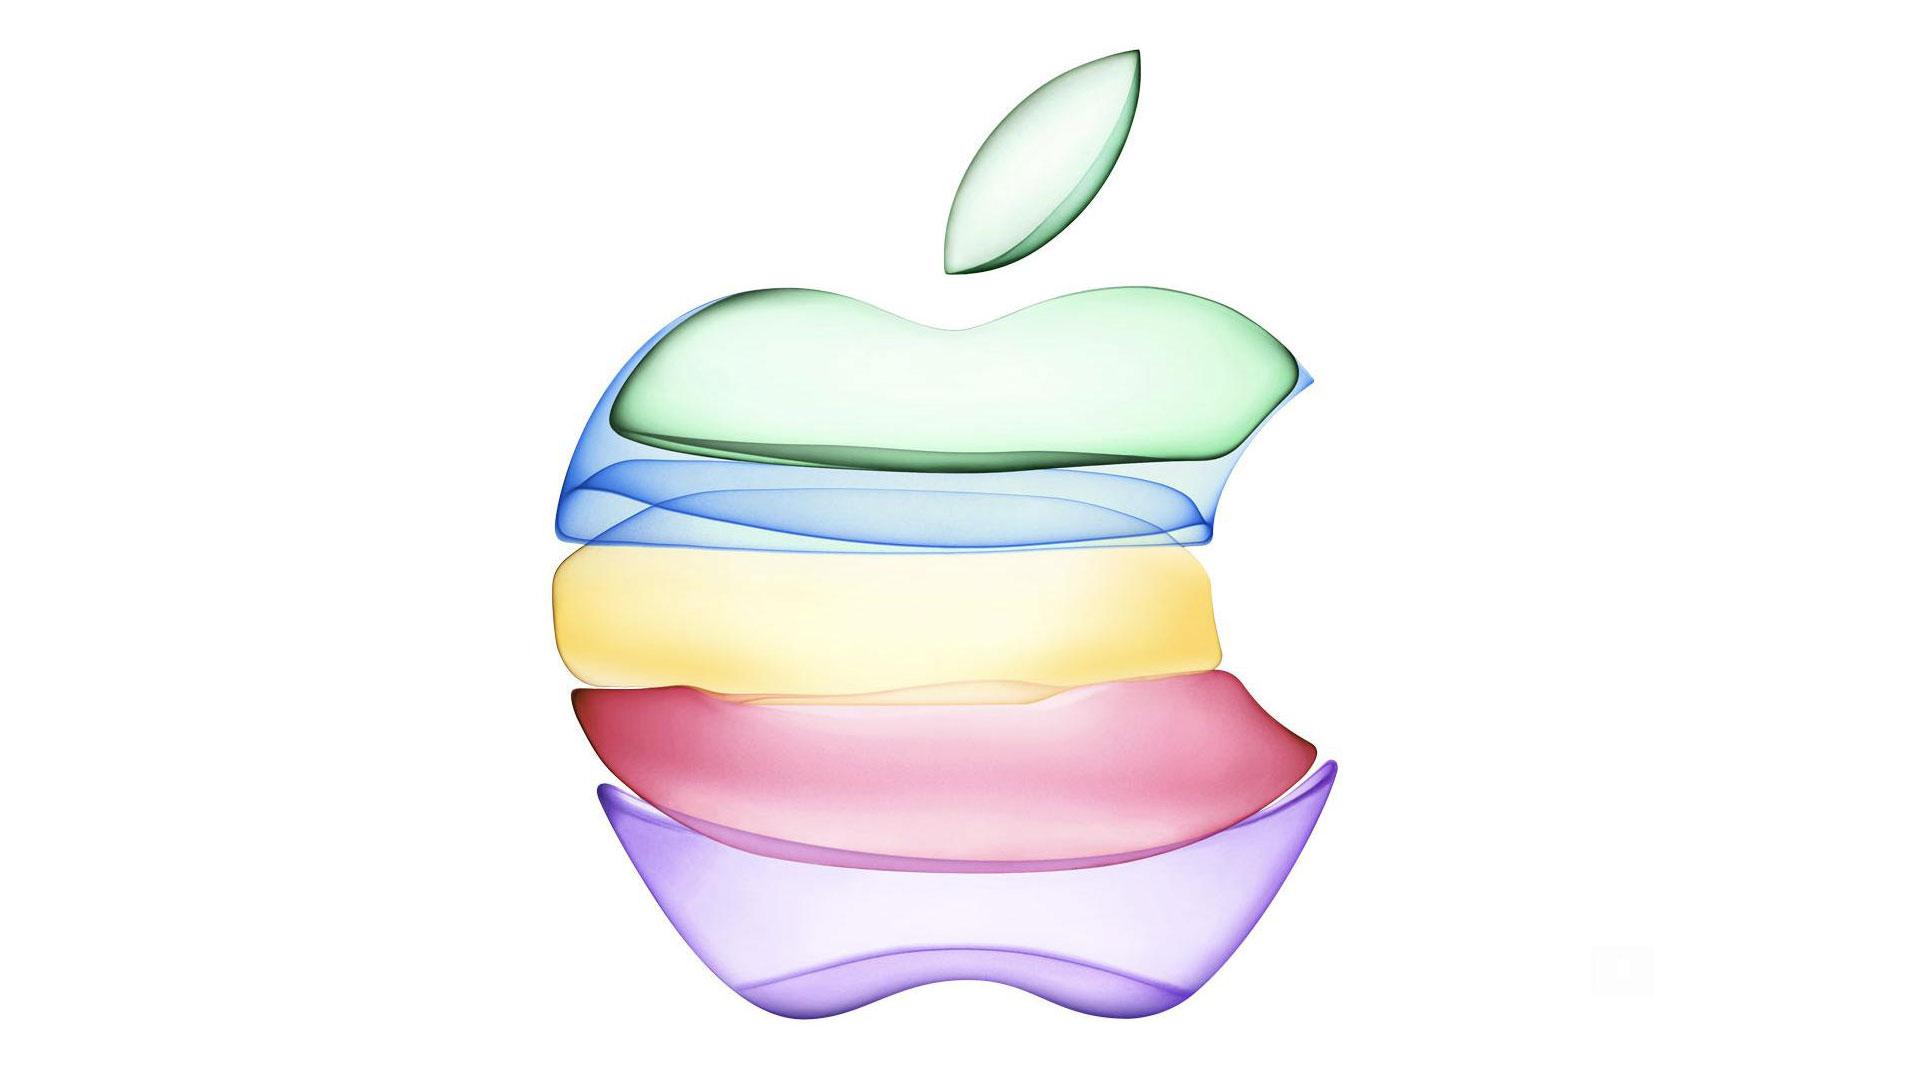 iPhone 12 ma jednak zostaæ wydanym jeszcze w tym roku